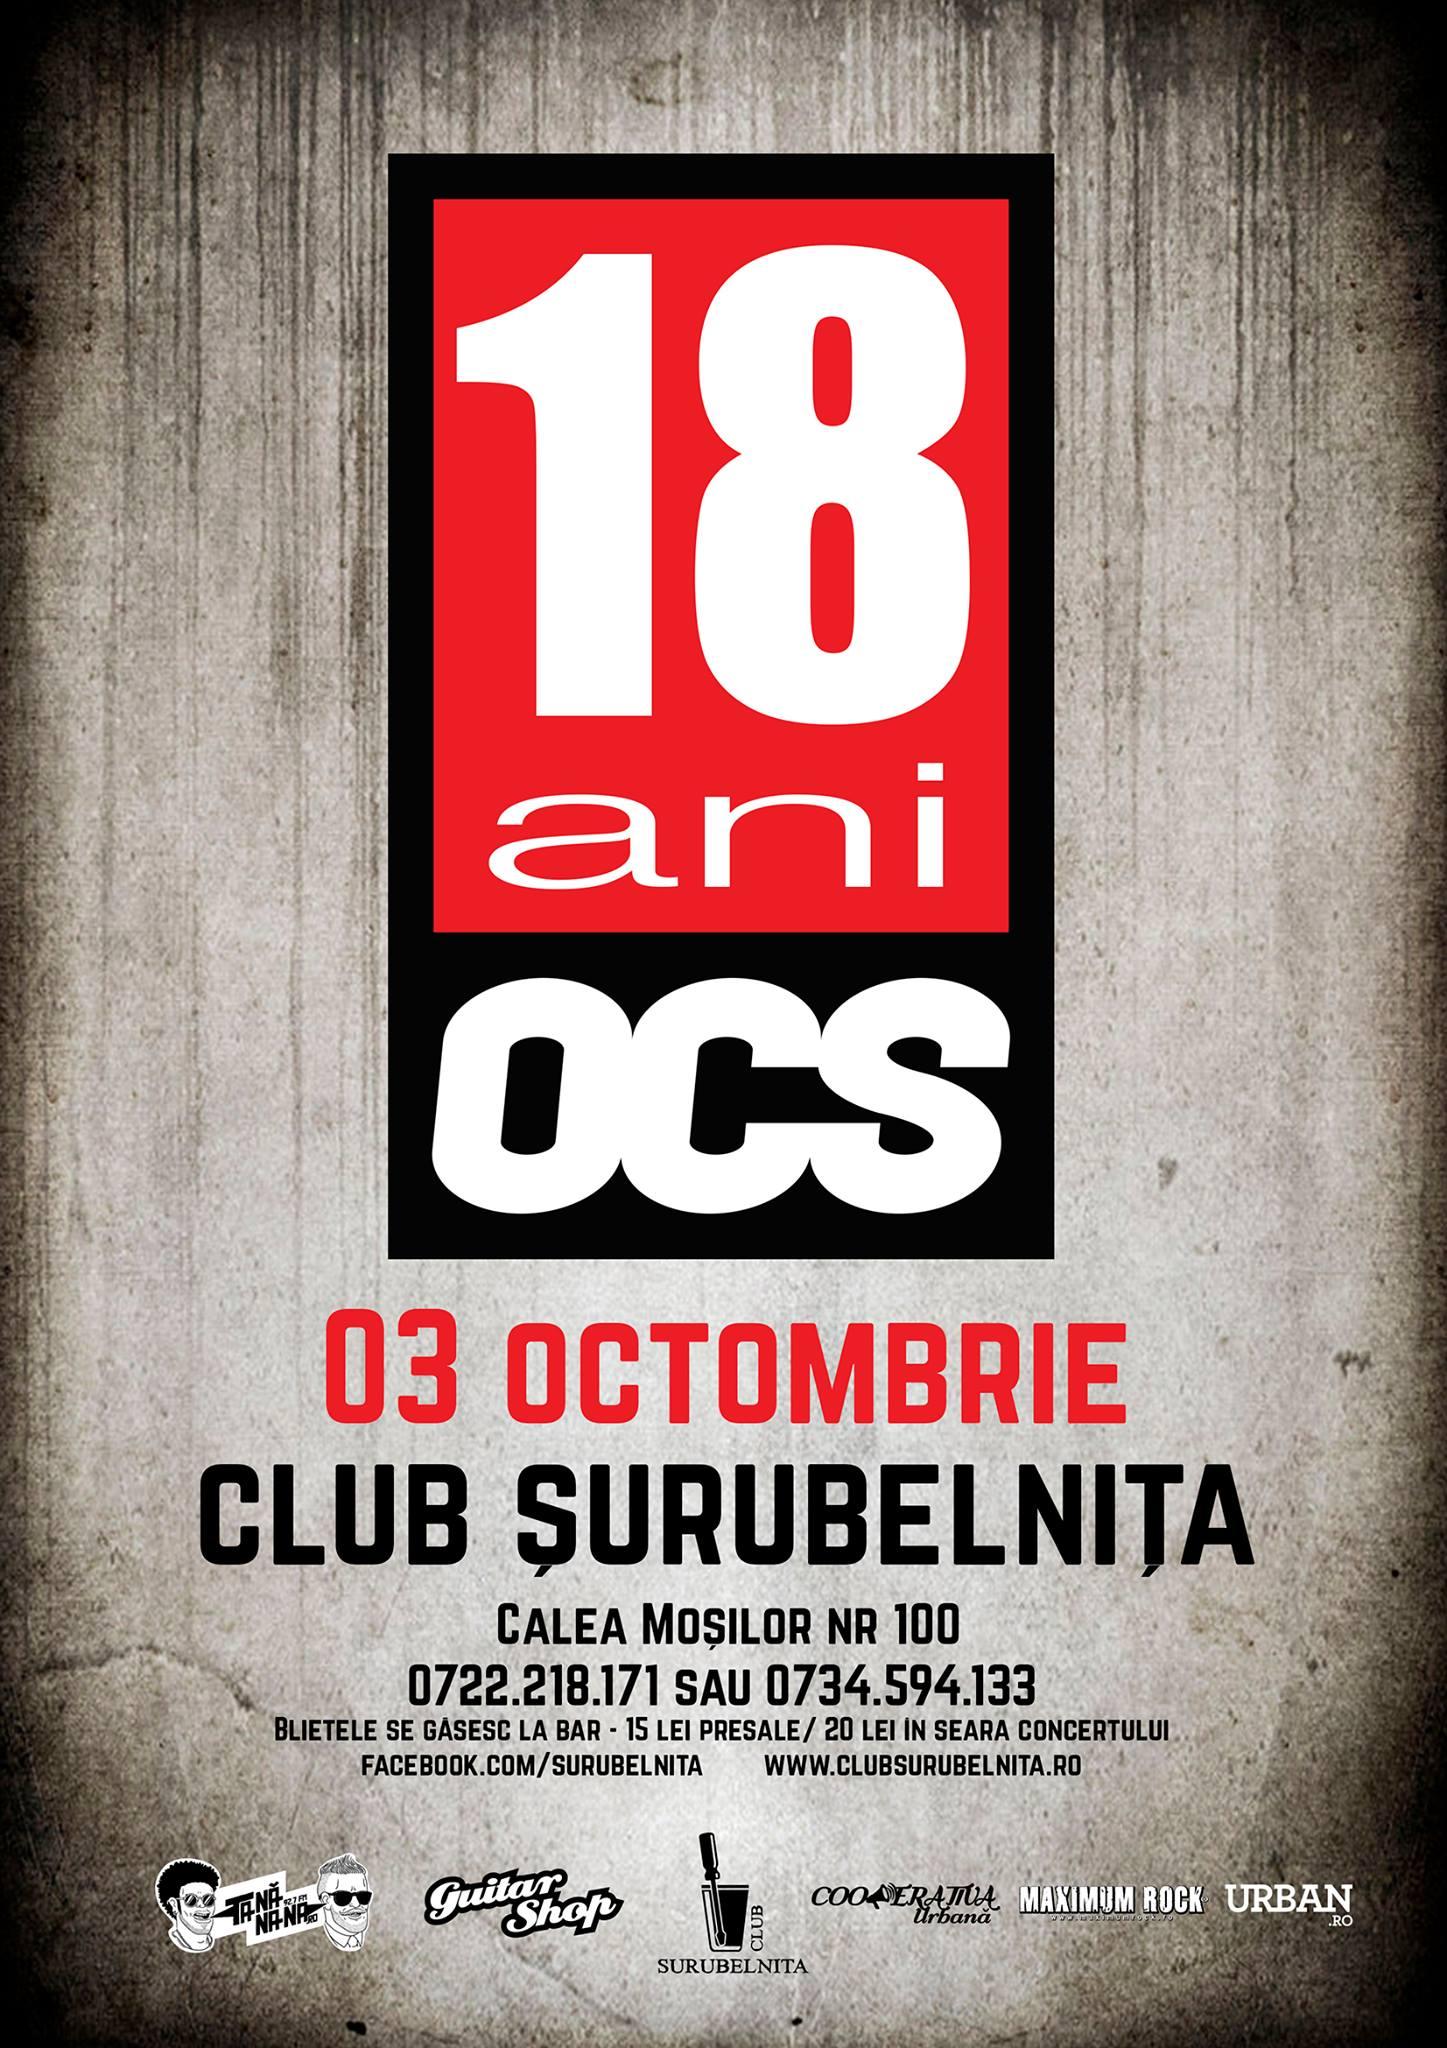 Afiș OCS concert Club Șurubelnița 2015